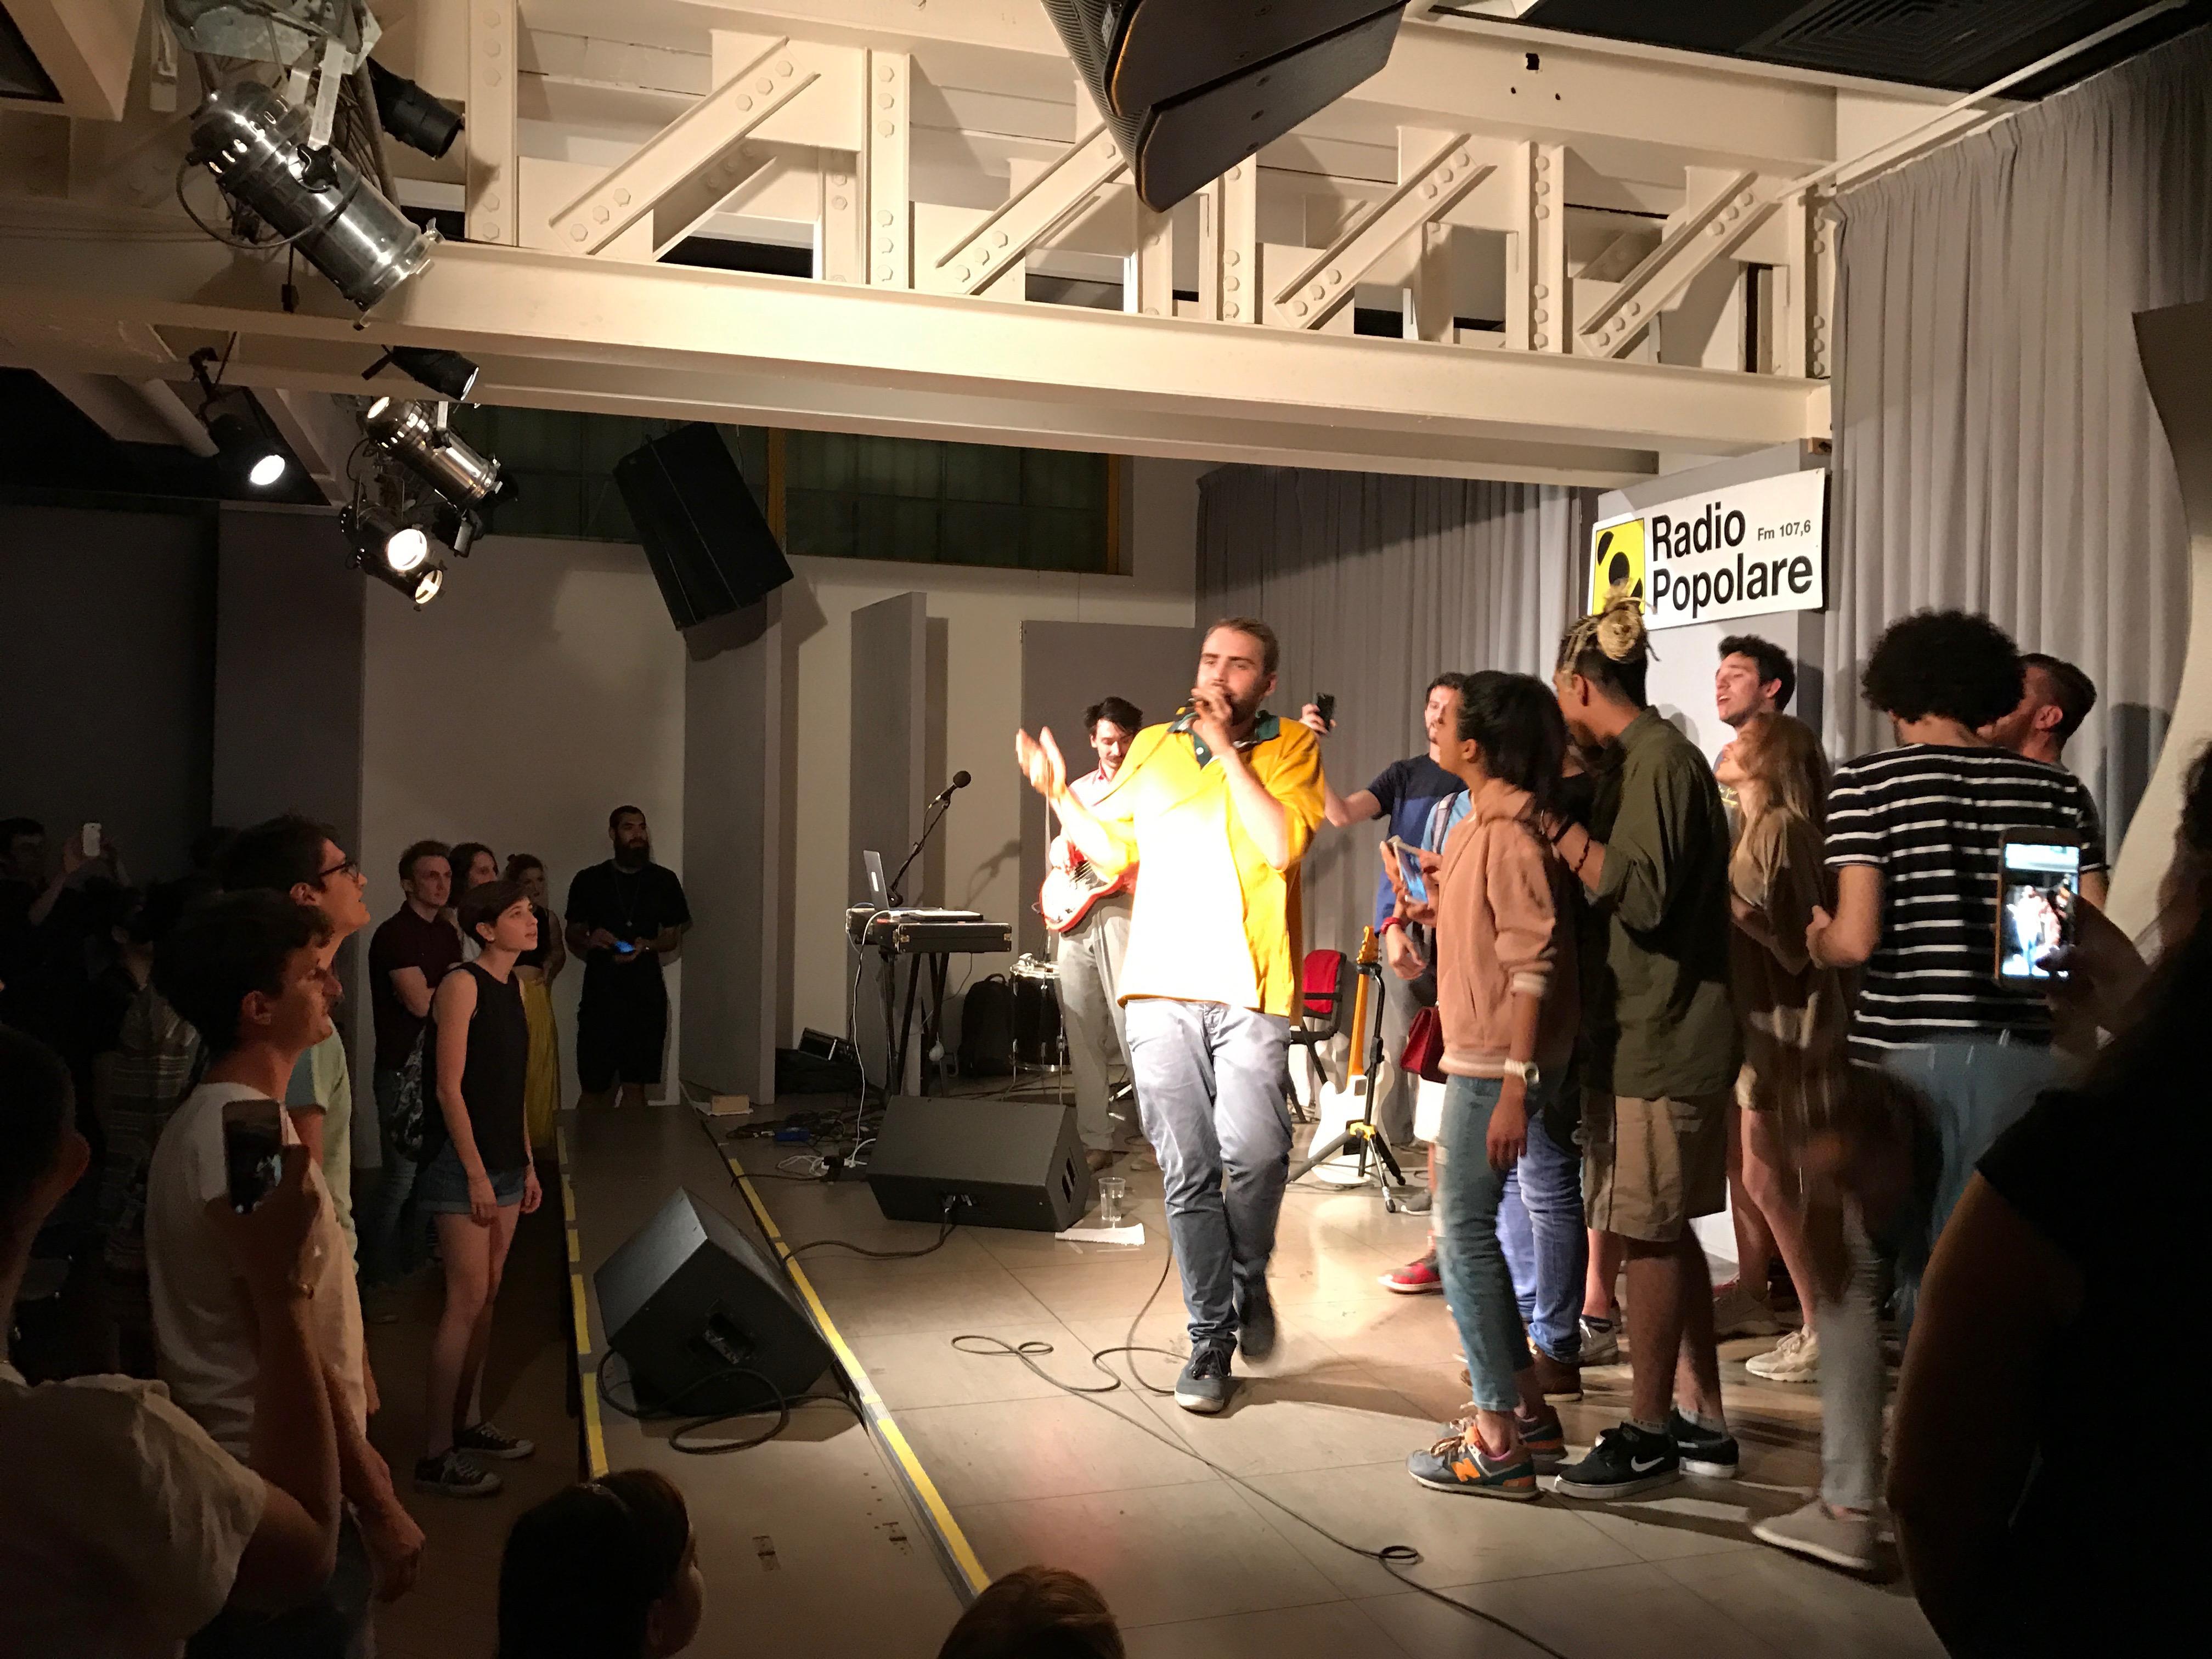 Dutch Nazari, in concerto nell'Auditorium, con parte del pubblico sul palco con lui